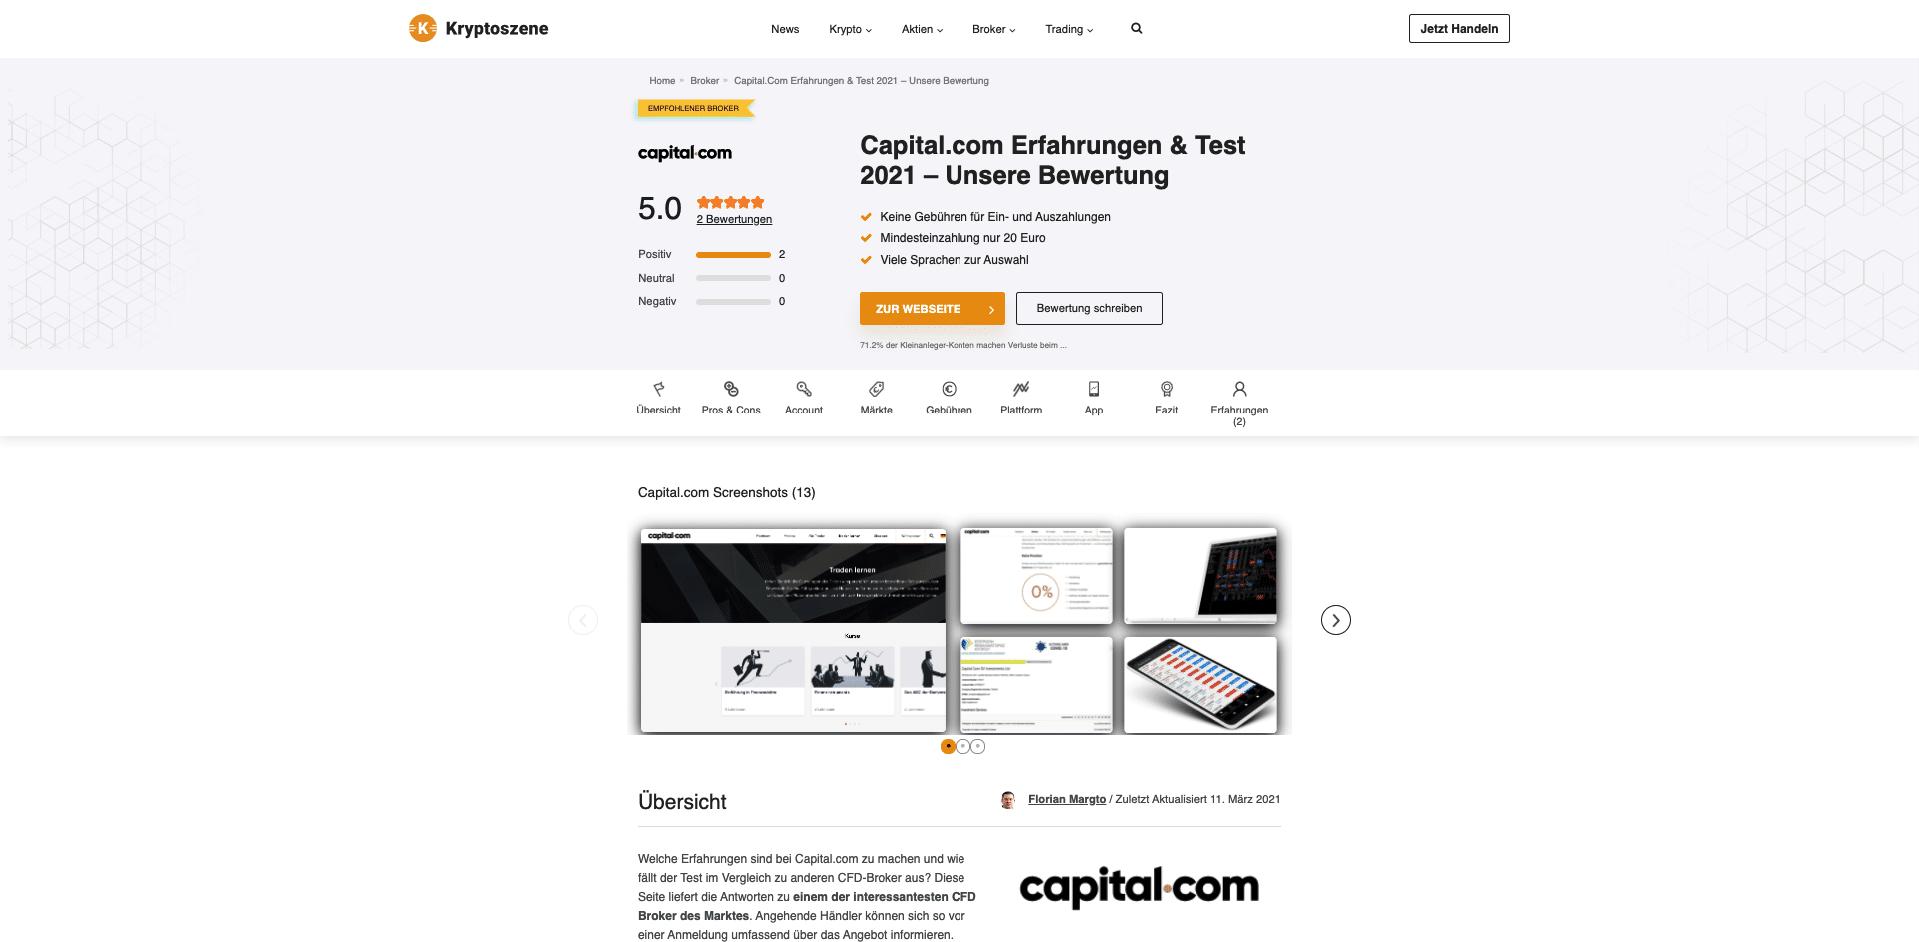 Capital.com erfahrungen